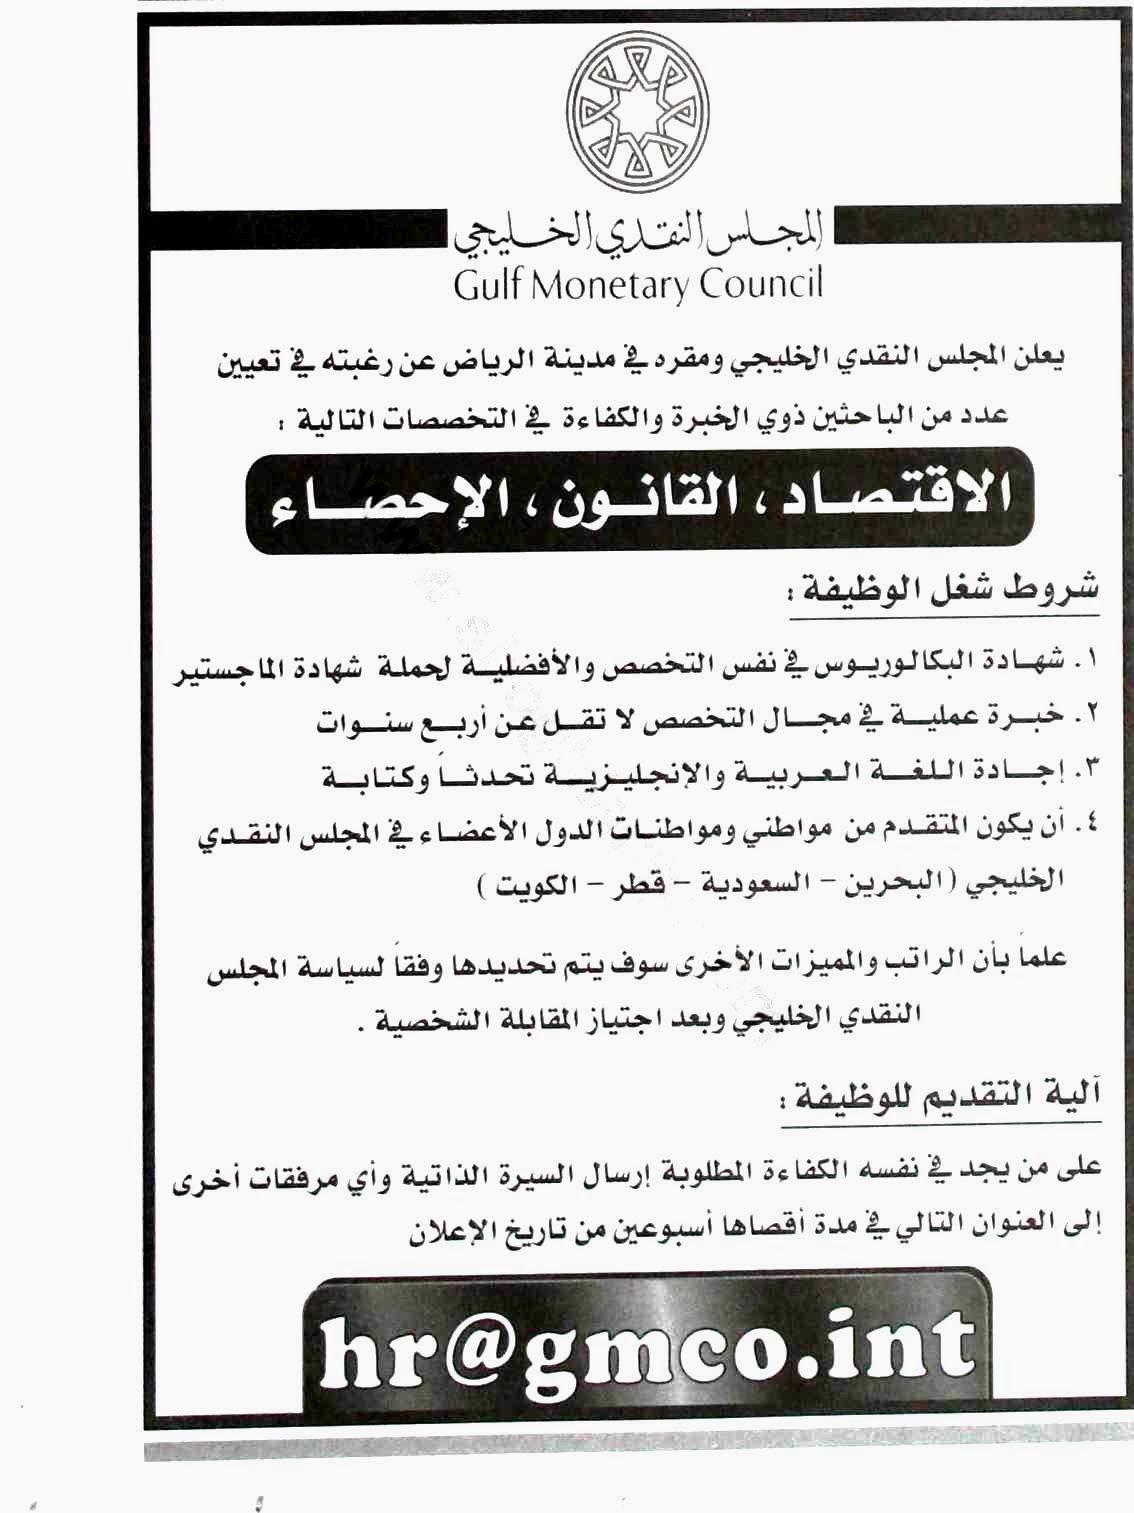 وظائف المجلس النقدي الخليجي بالرياض Mobile Boarding Pass Boarding Pass